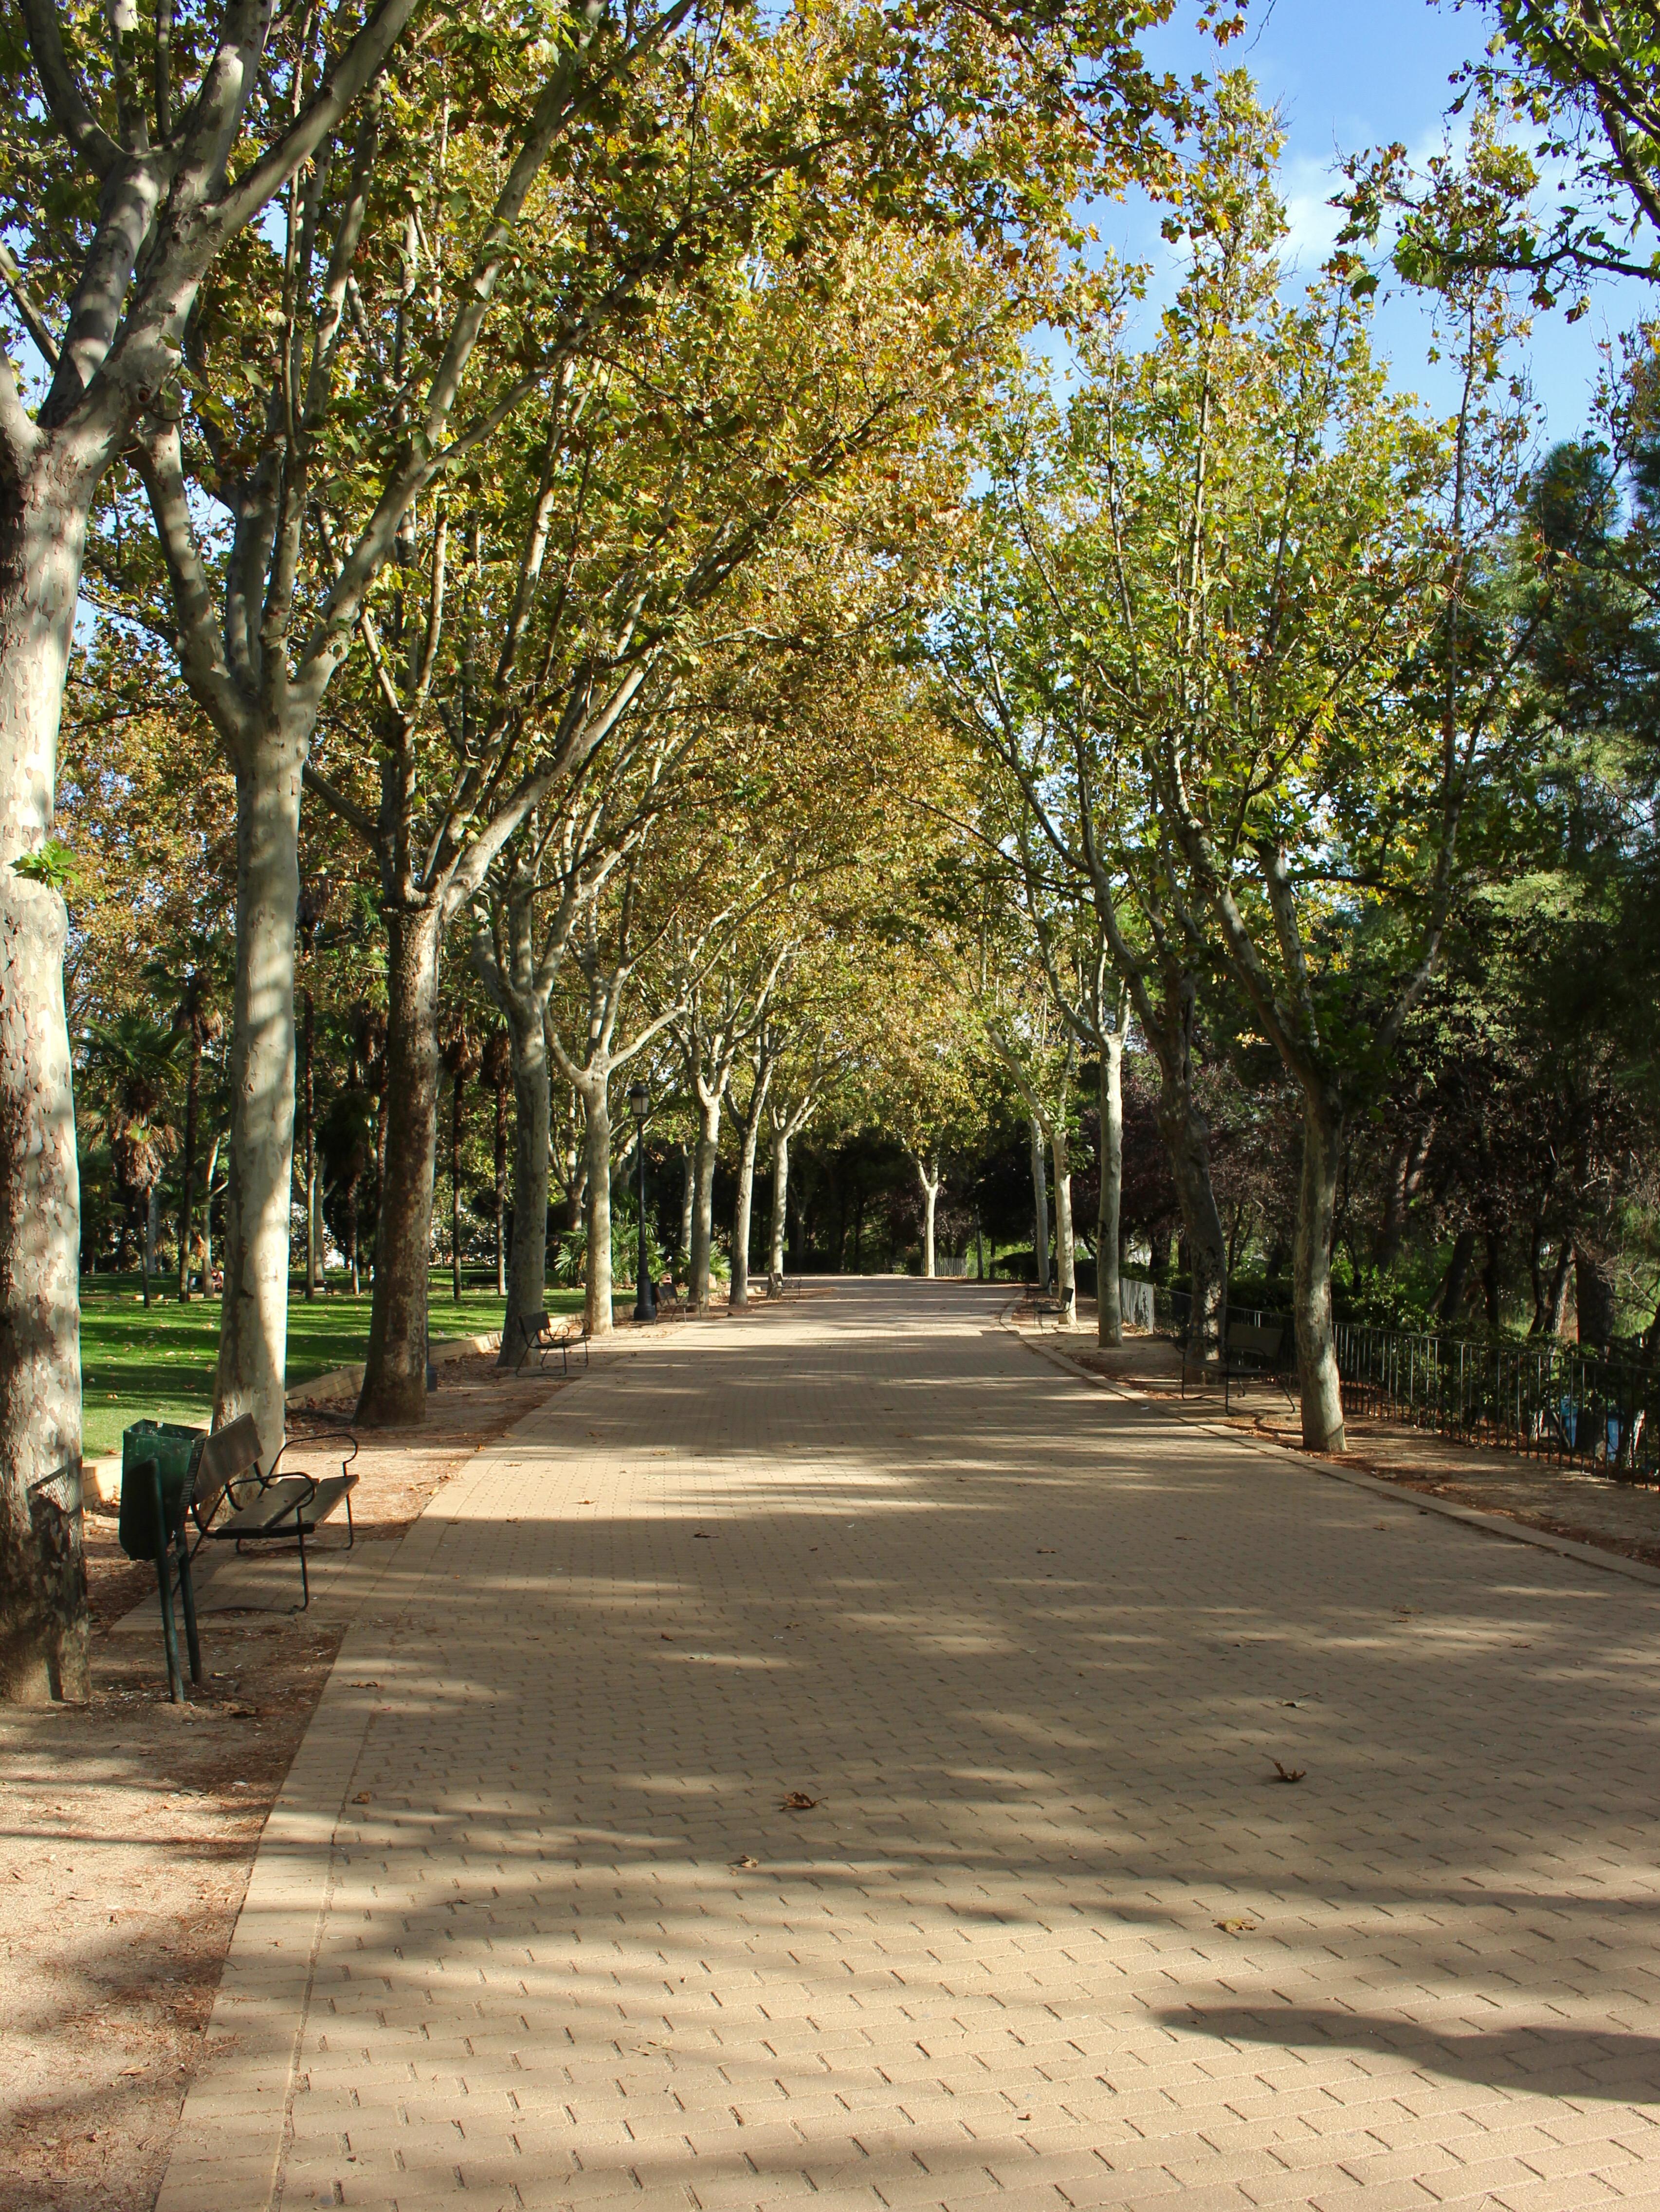 Wandering through Parque del Oeste